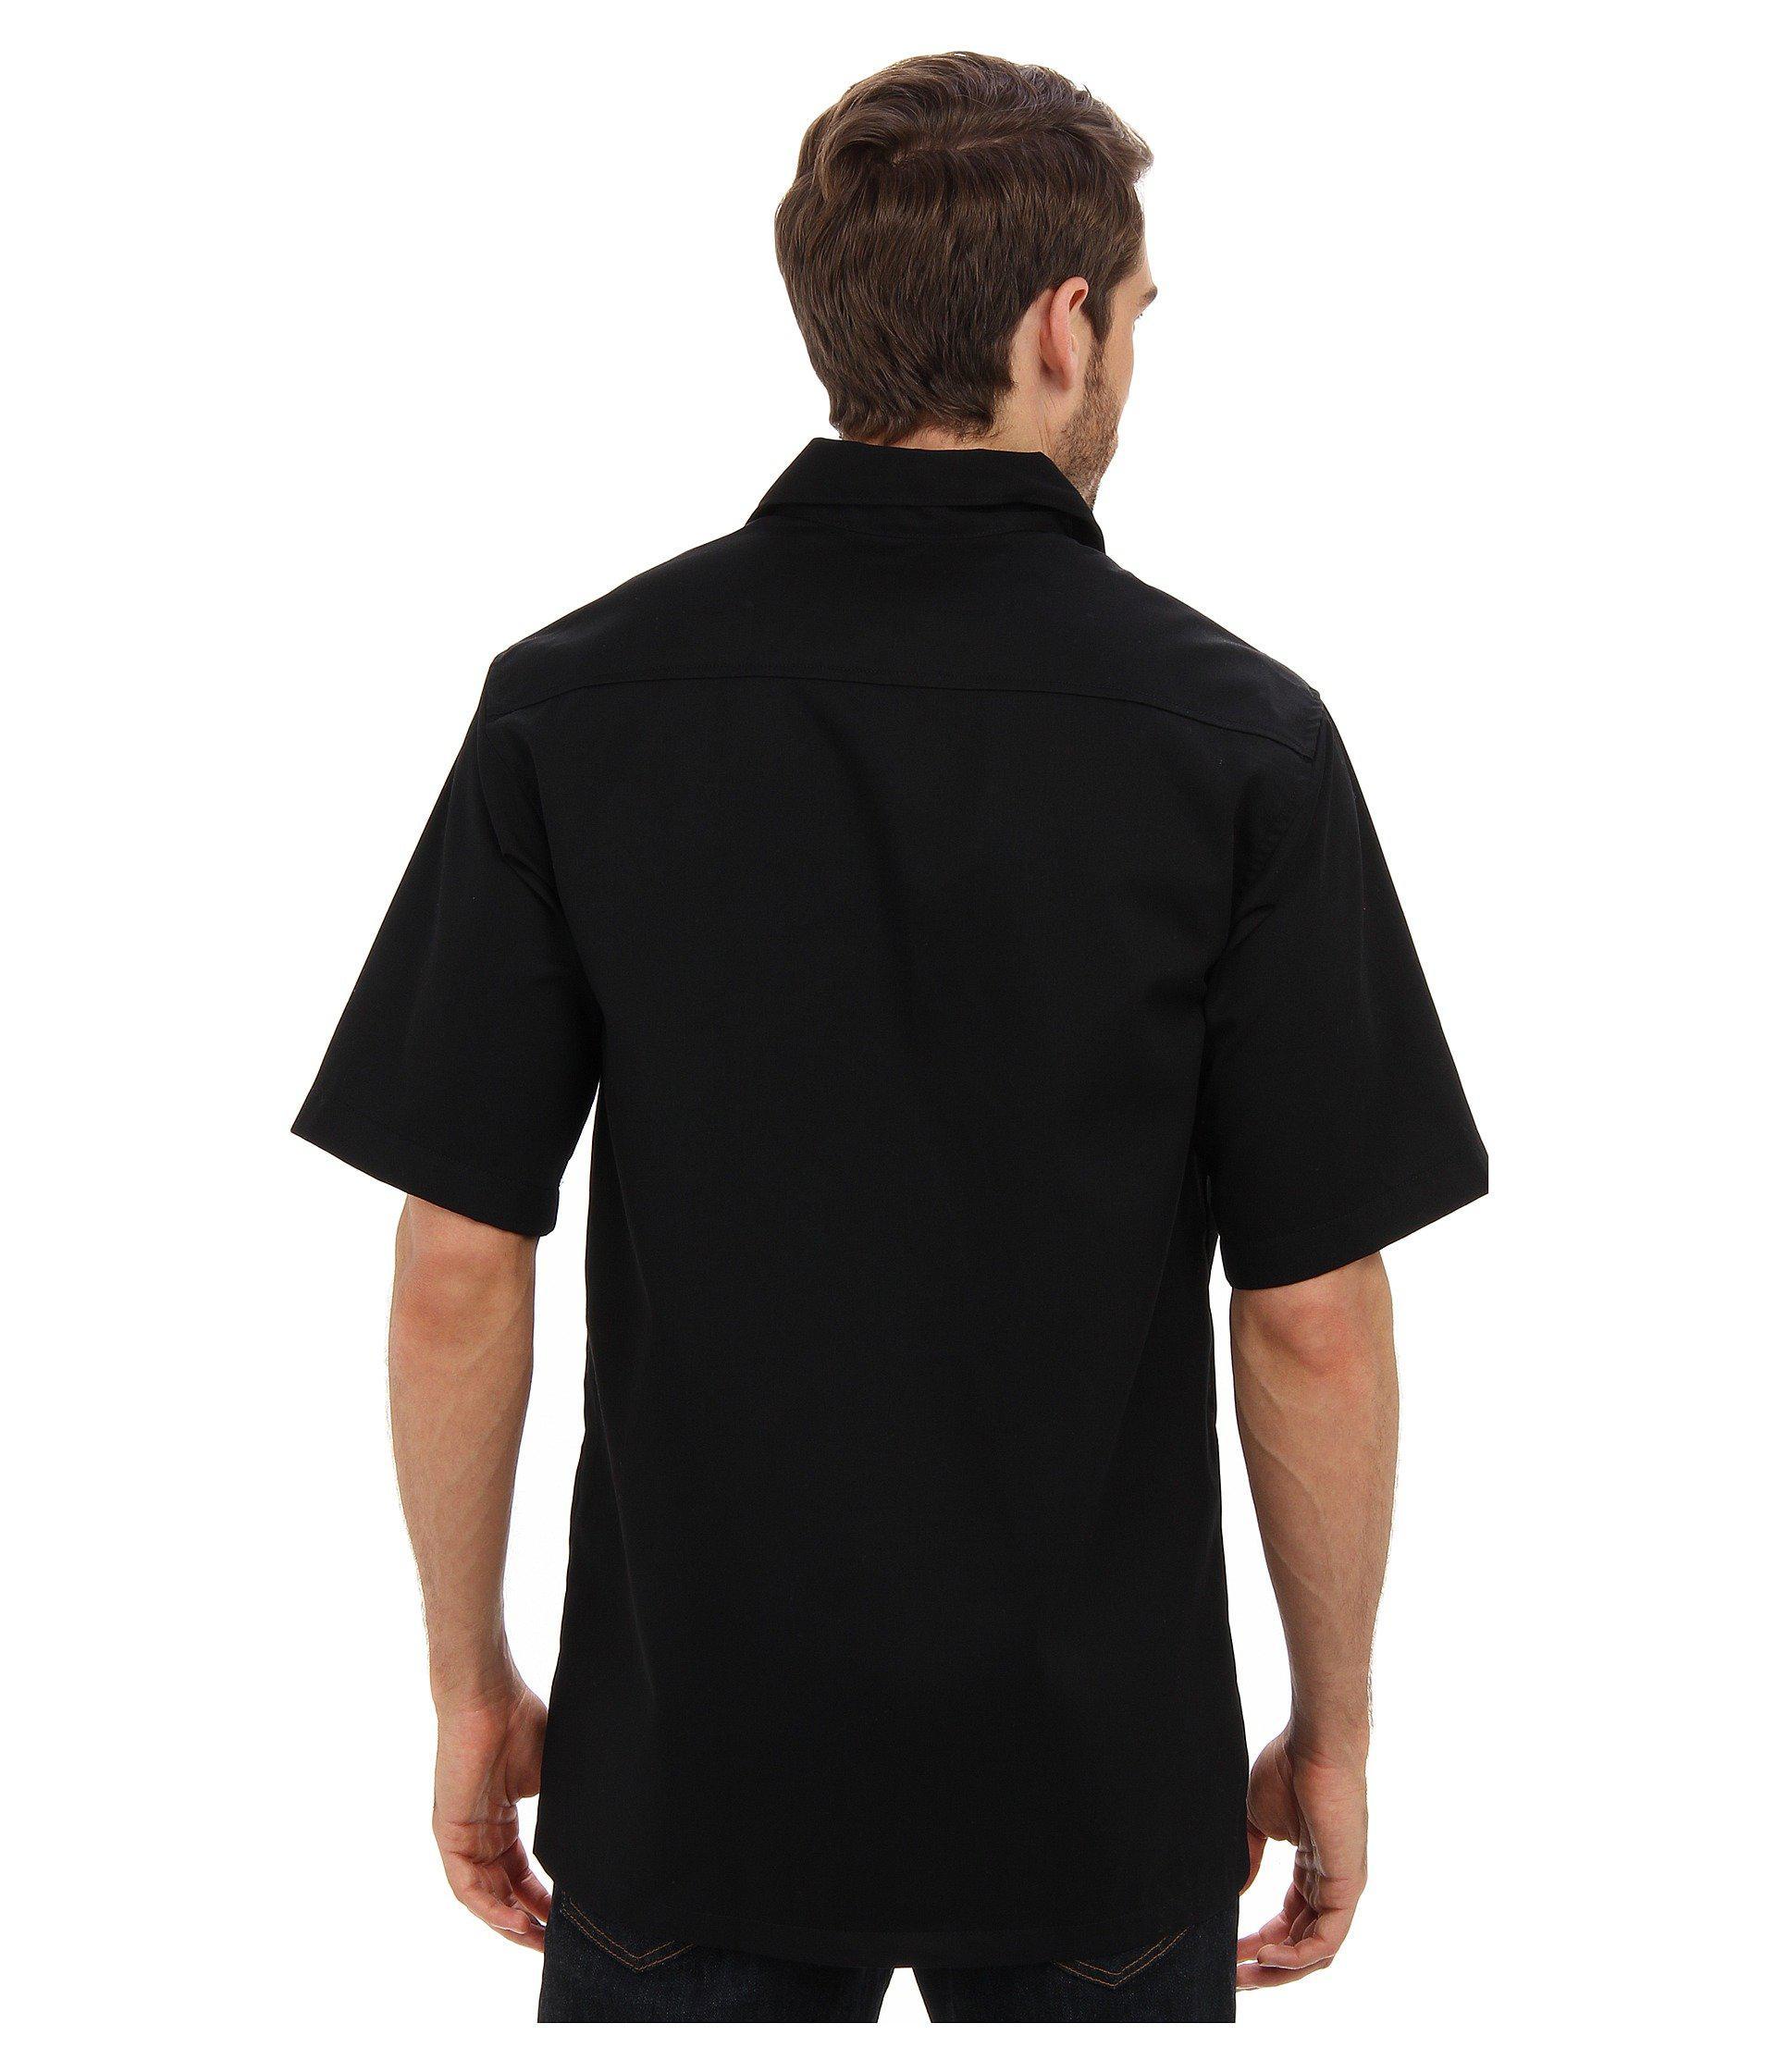 53a9137073f Lyst - Carhartt Twill S s Work Shirt (navy) Men s Short Sleeve ...